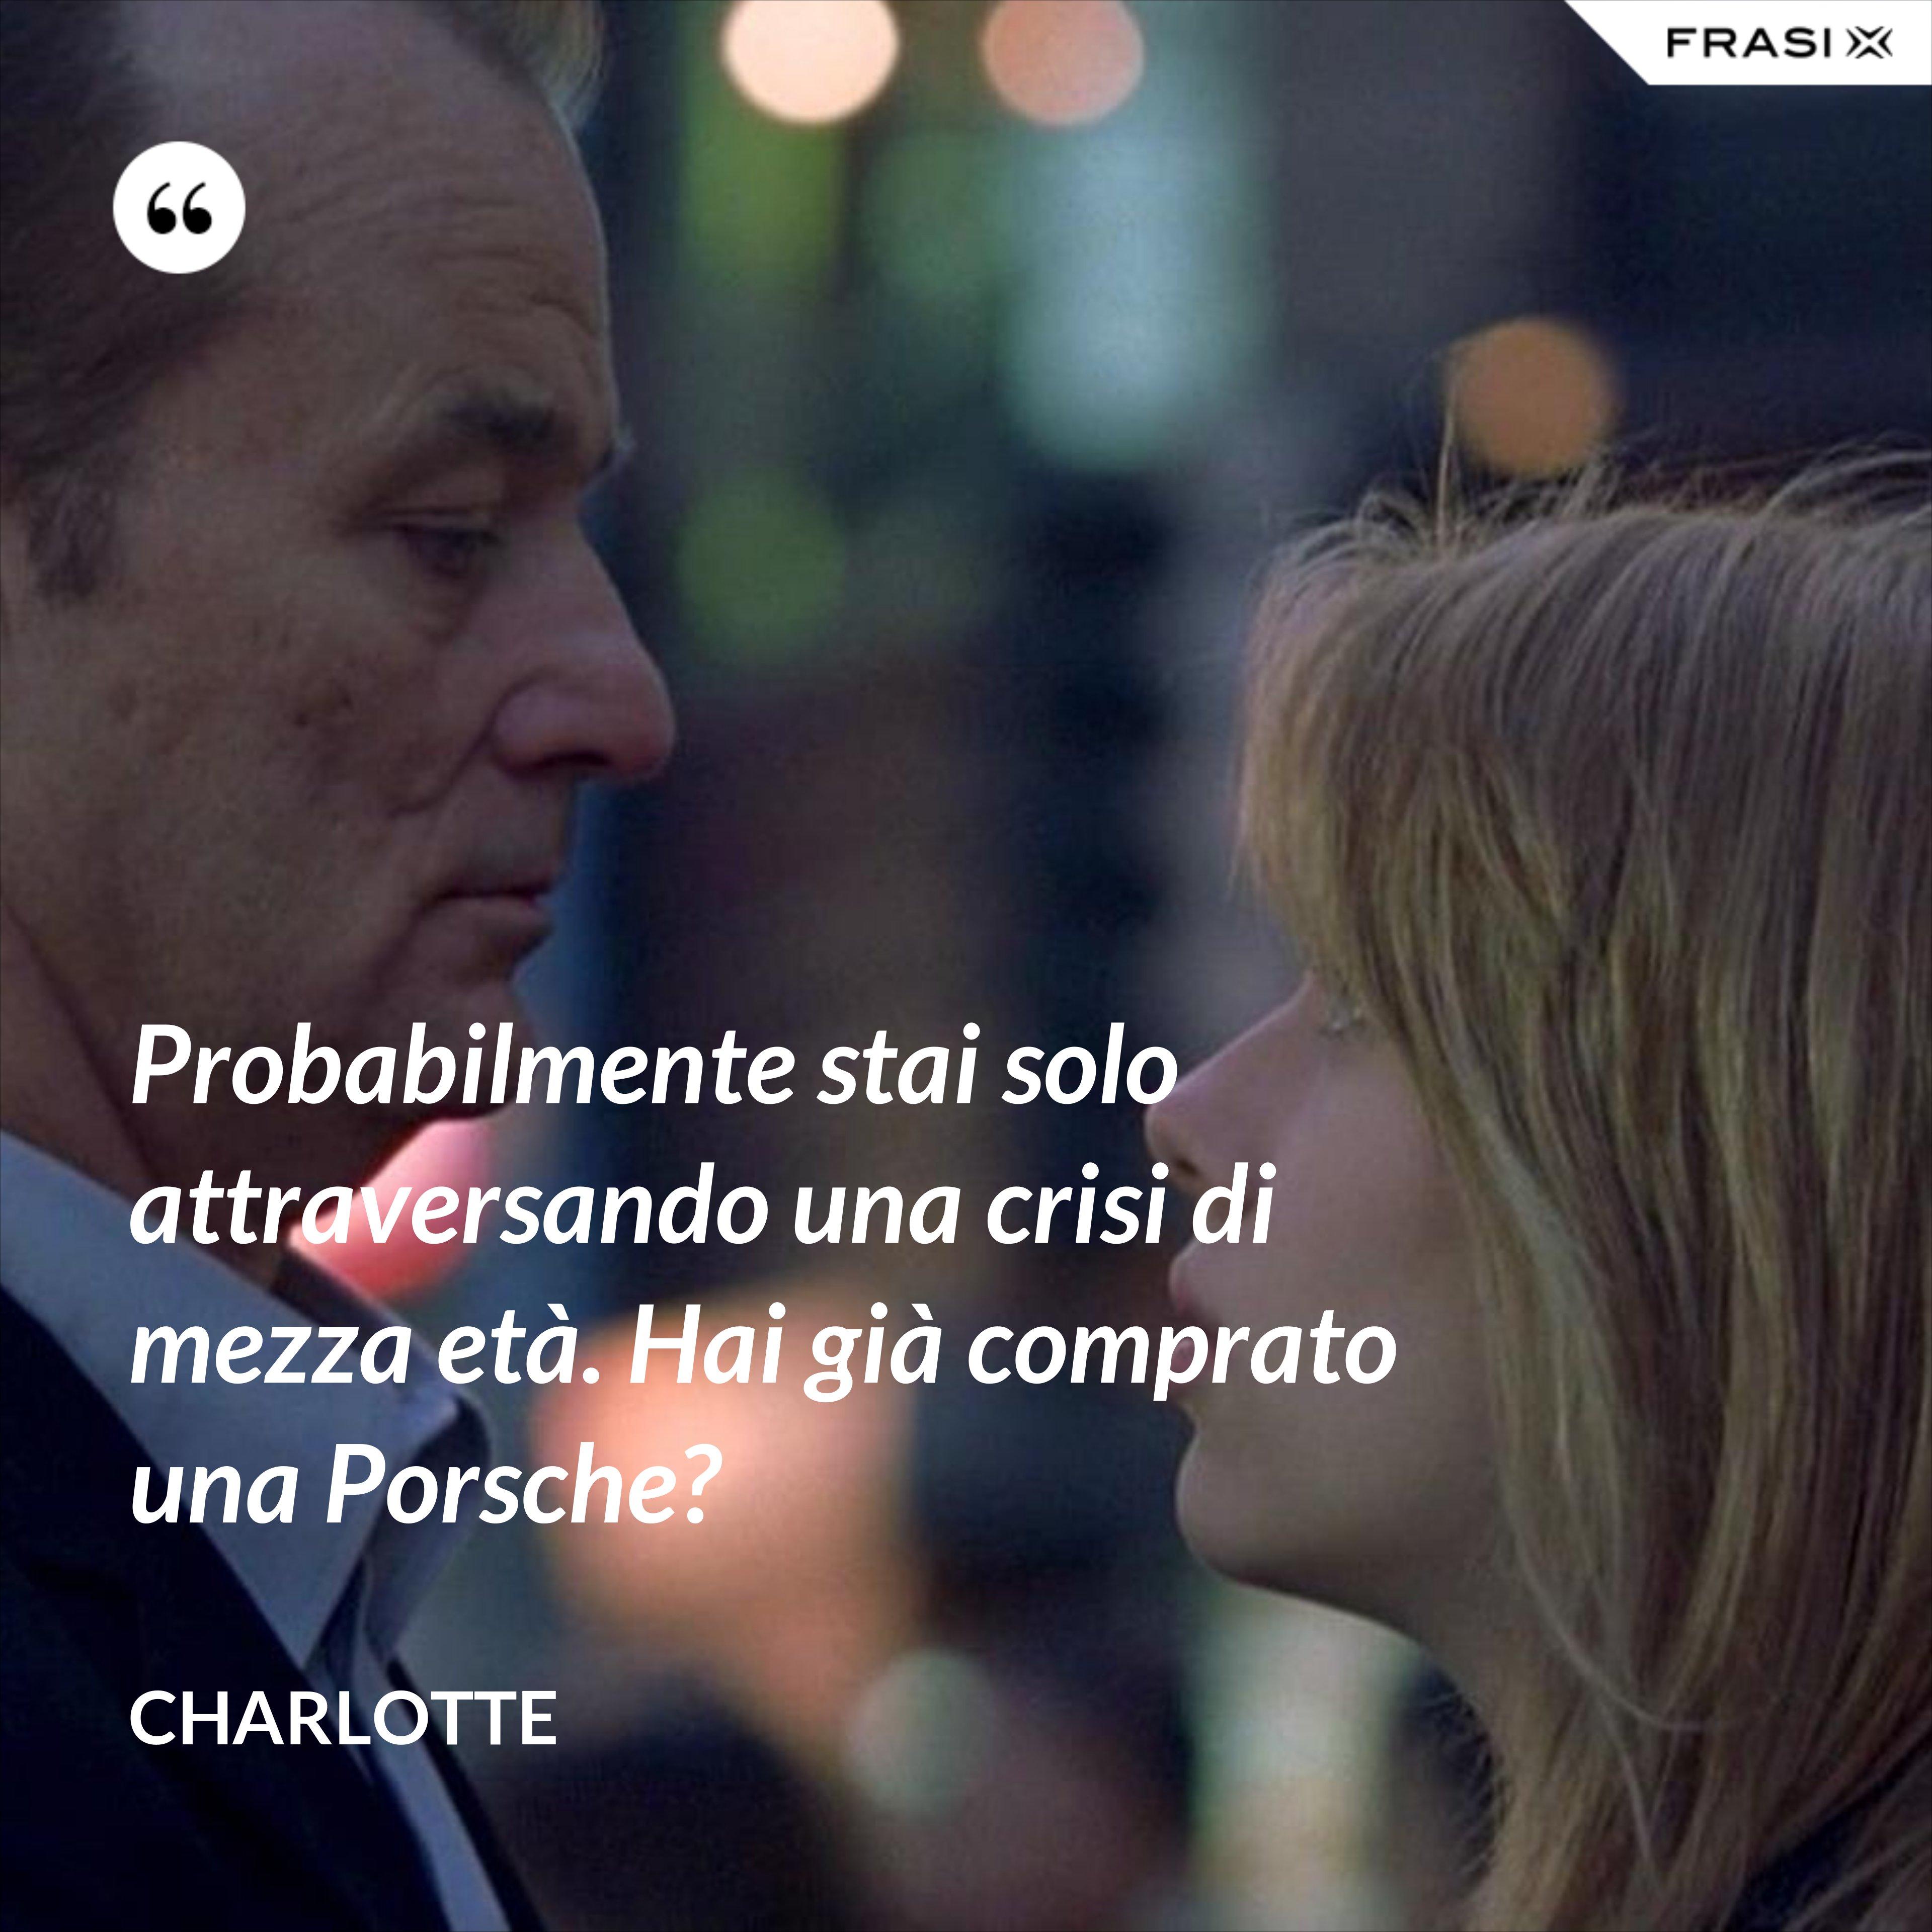 Probabilmente stai solo attraversando una crisi di mezza età. Hai già comprato una Porsche? - Charlotte